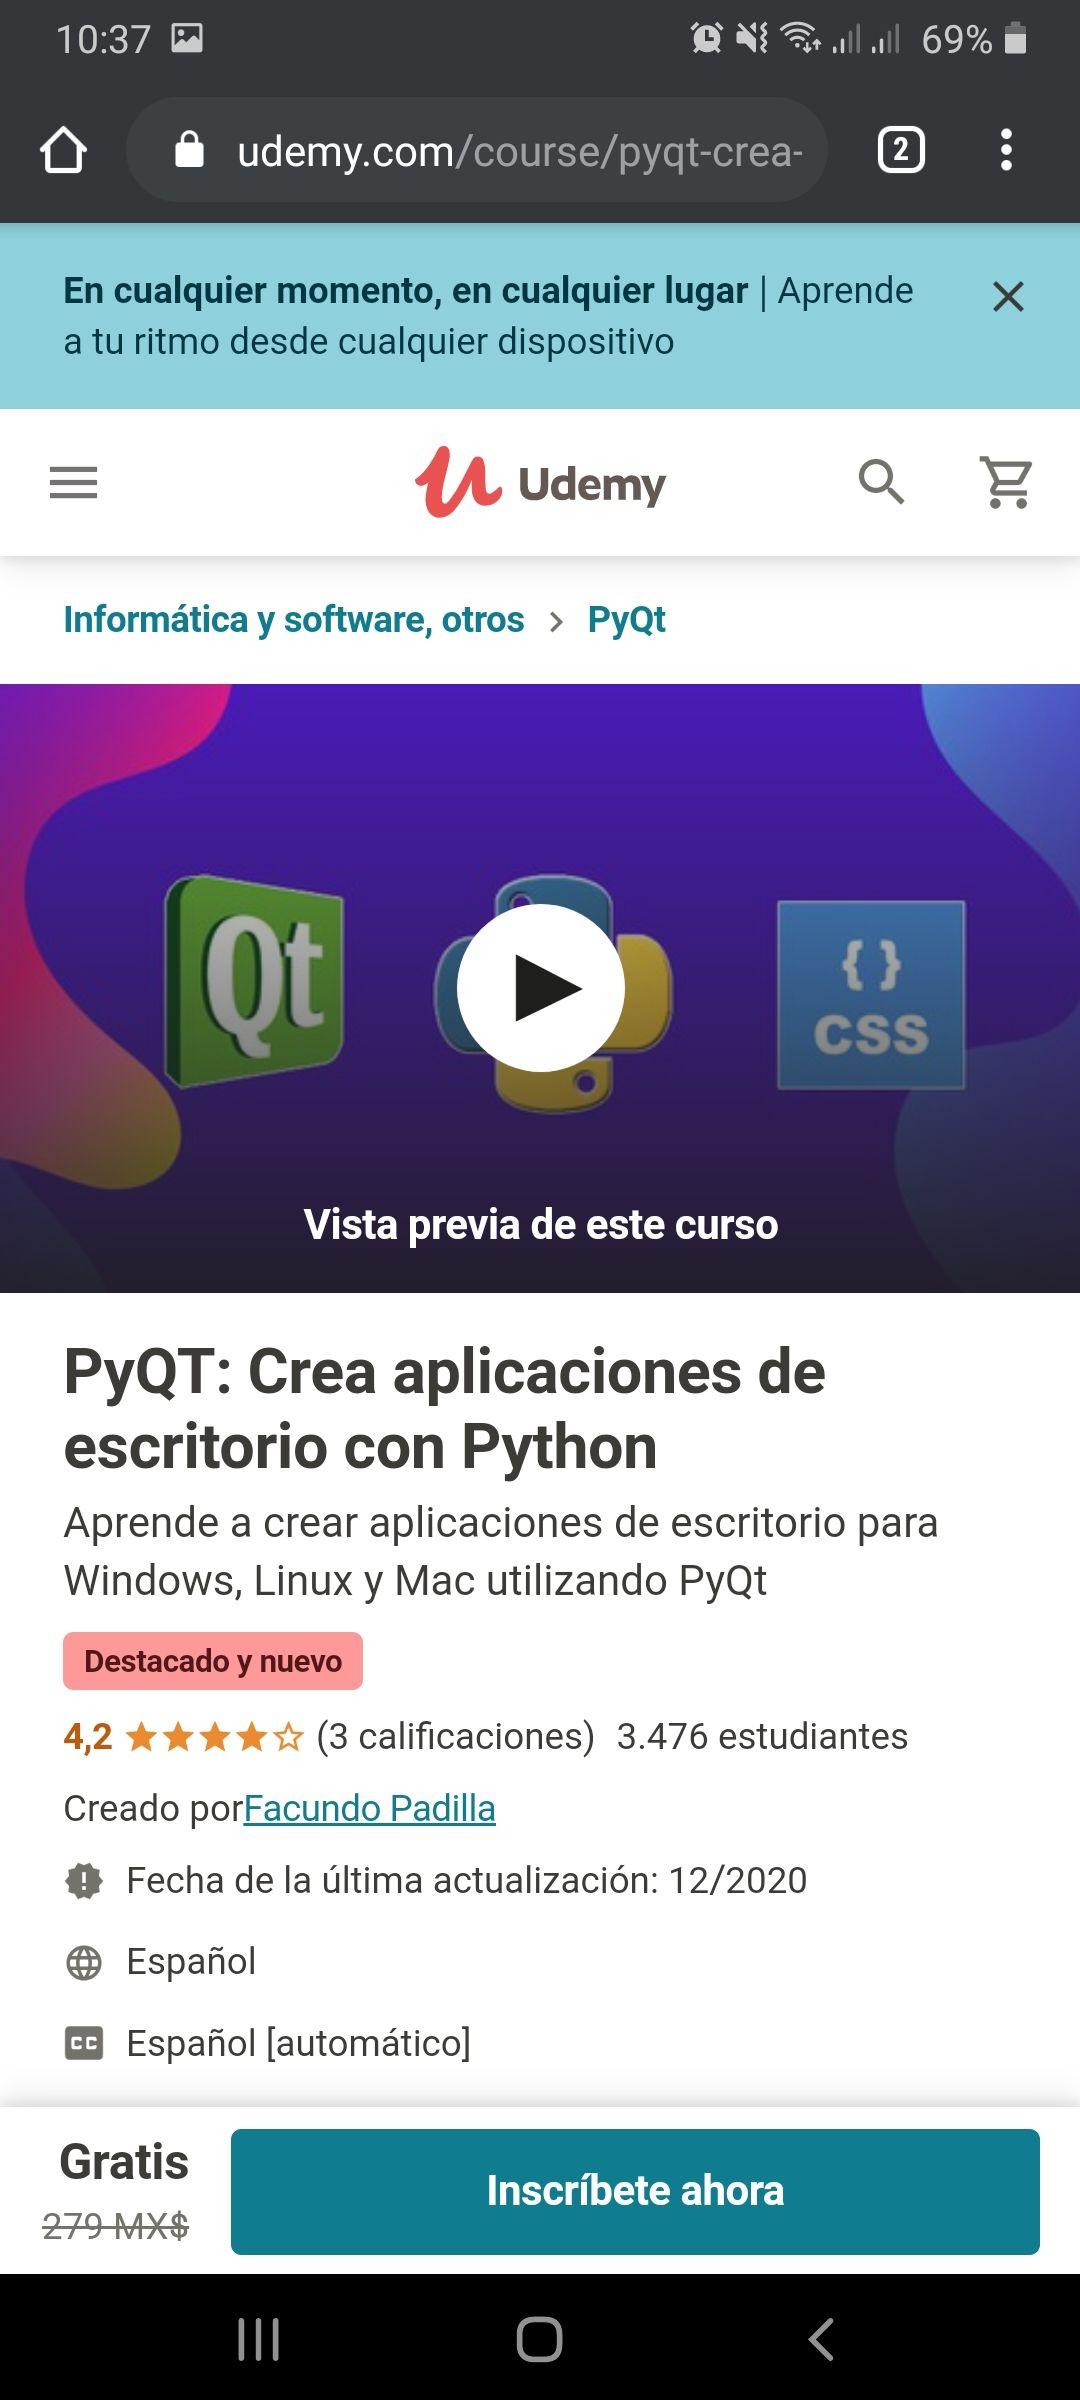 Udemy: PyQT: Crea aplicaciones de escritorio con Python